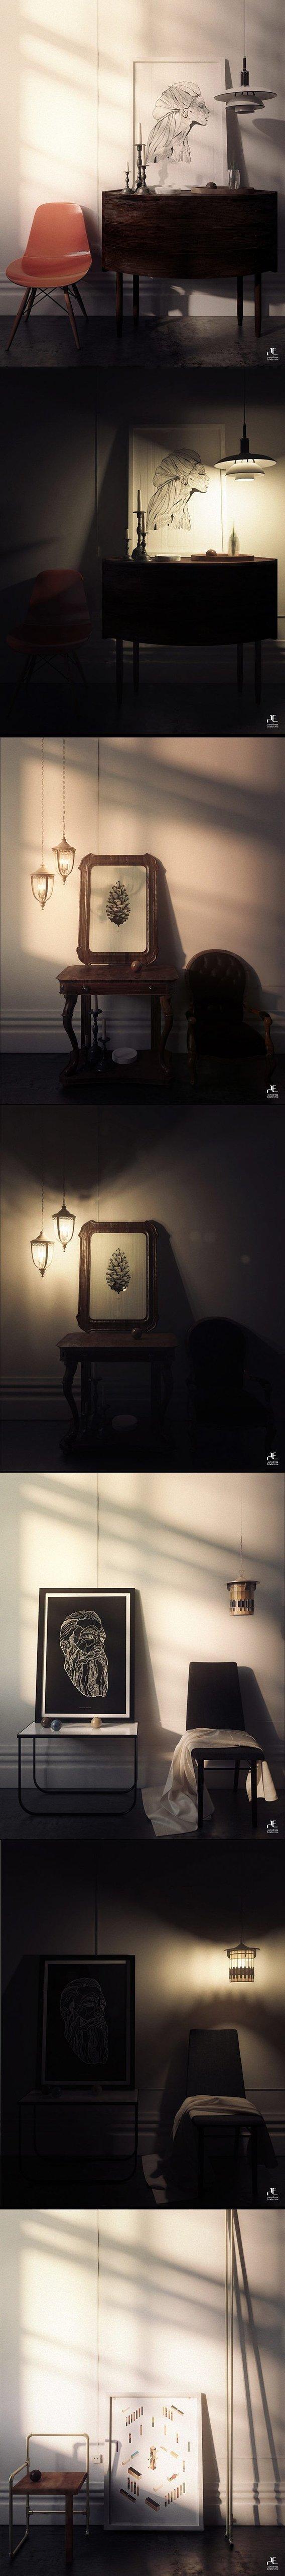 New Interior Series By Hamidreza Edalatnia